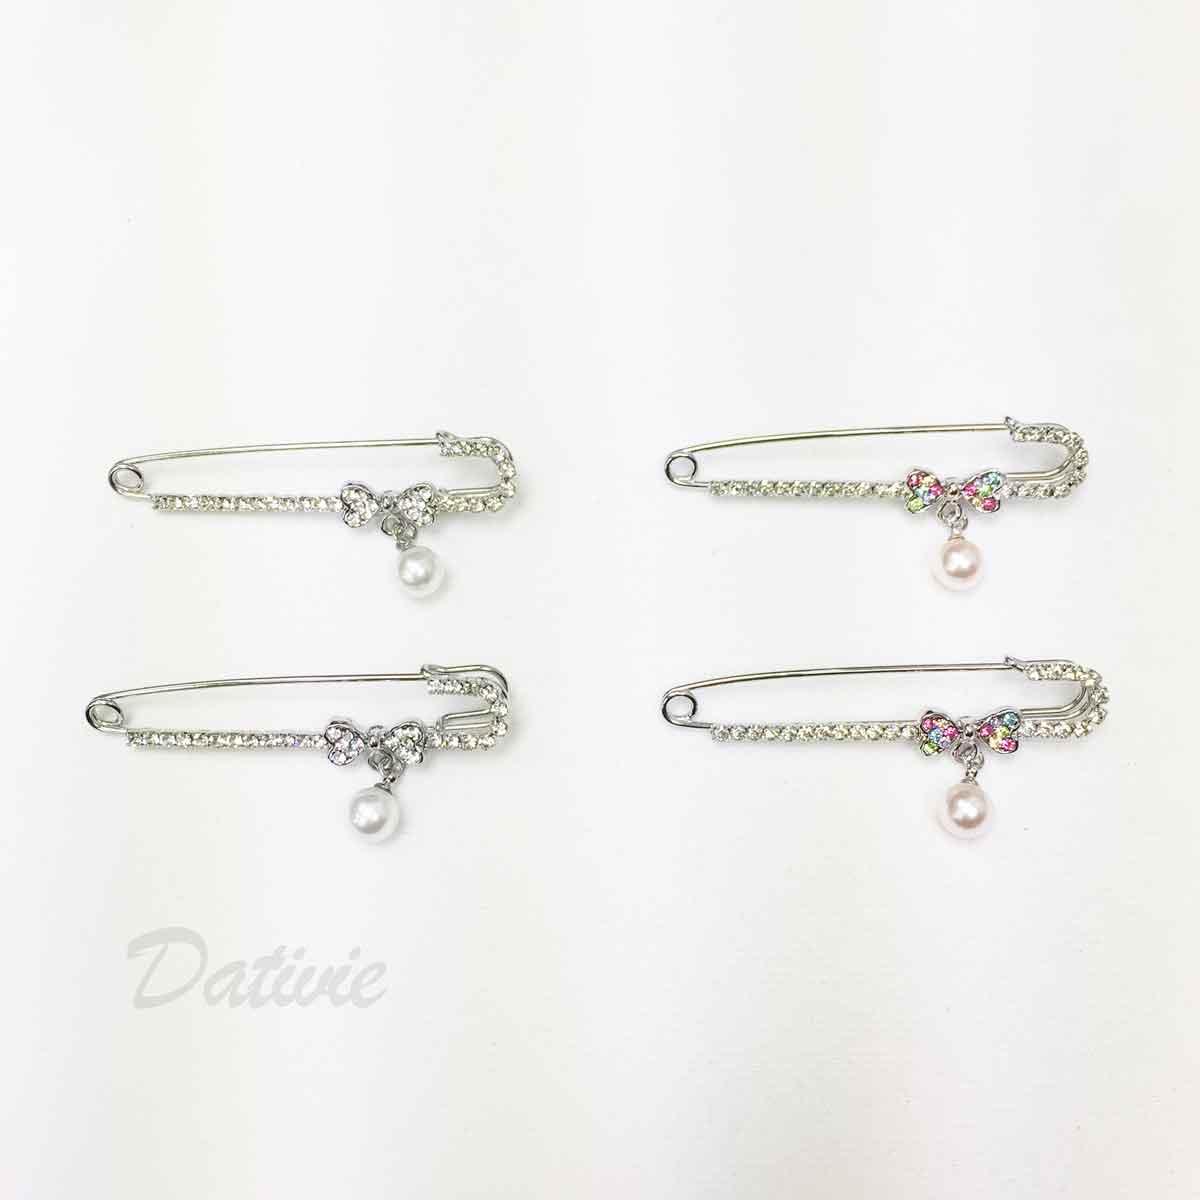 蝴蝶結 珍珠 垂墜 吊飾 彩色水鑽 白鑽 別針造型 兩色 二入一組 胸針